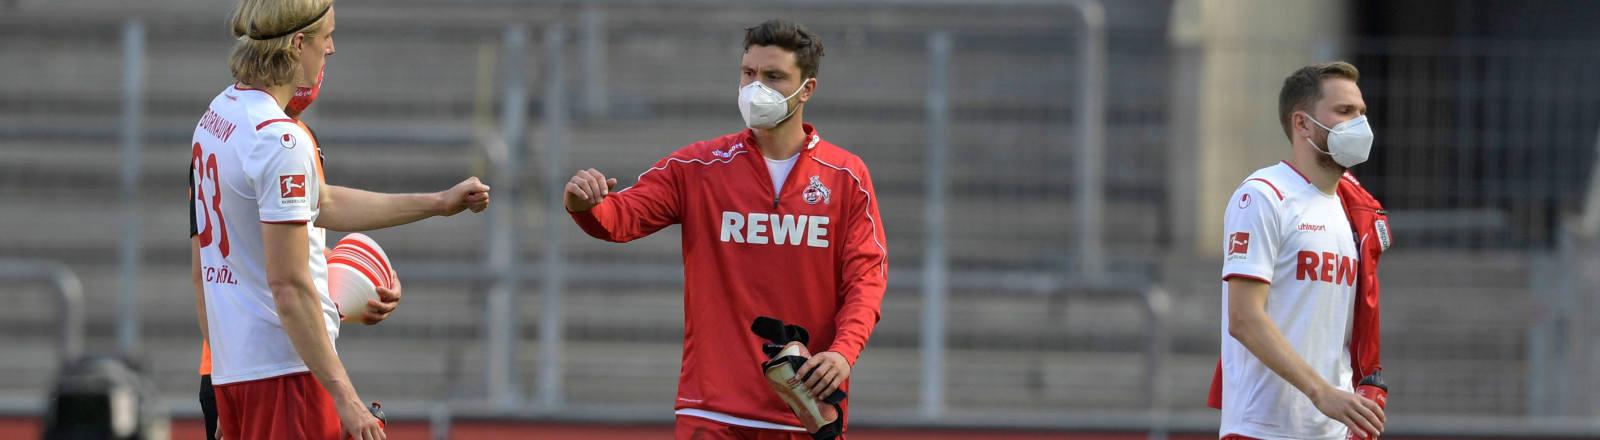 Spieler des 1. FC Köln mit Mundschutz